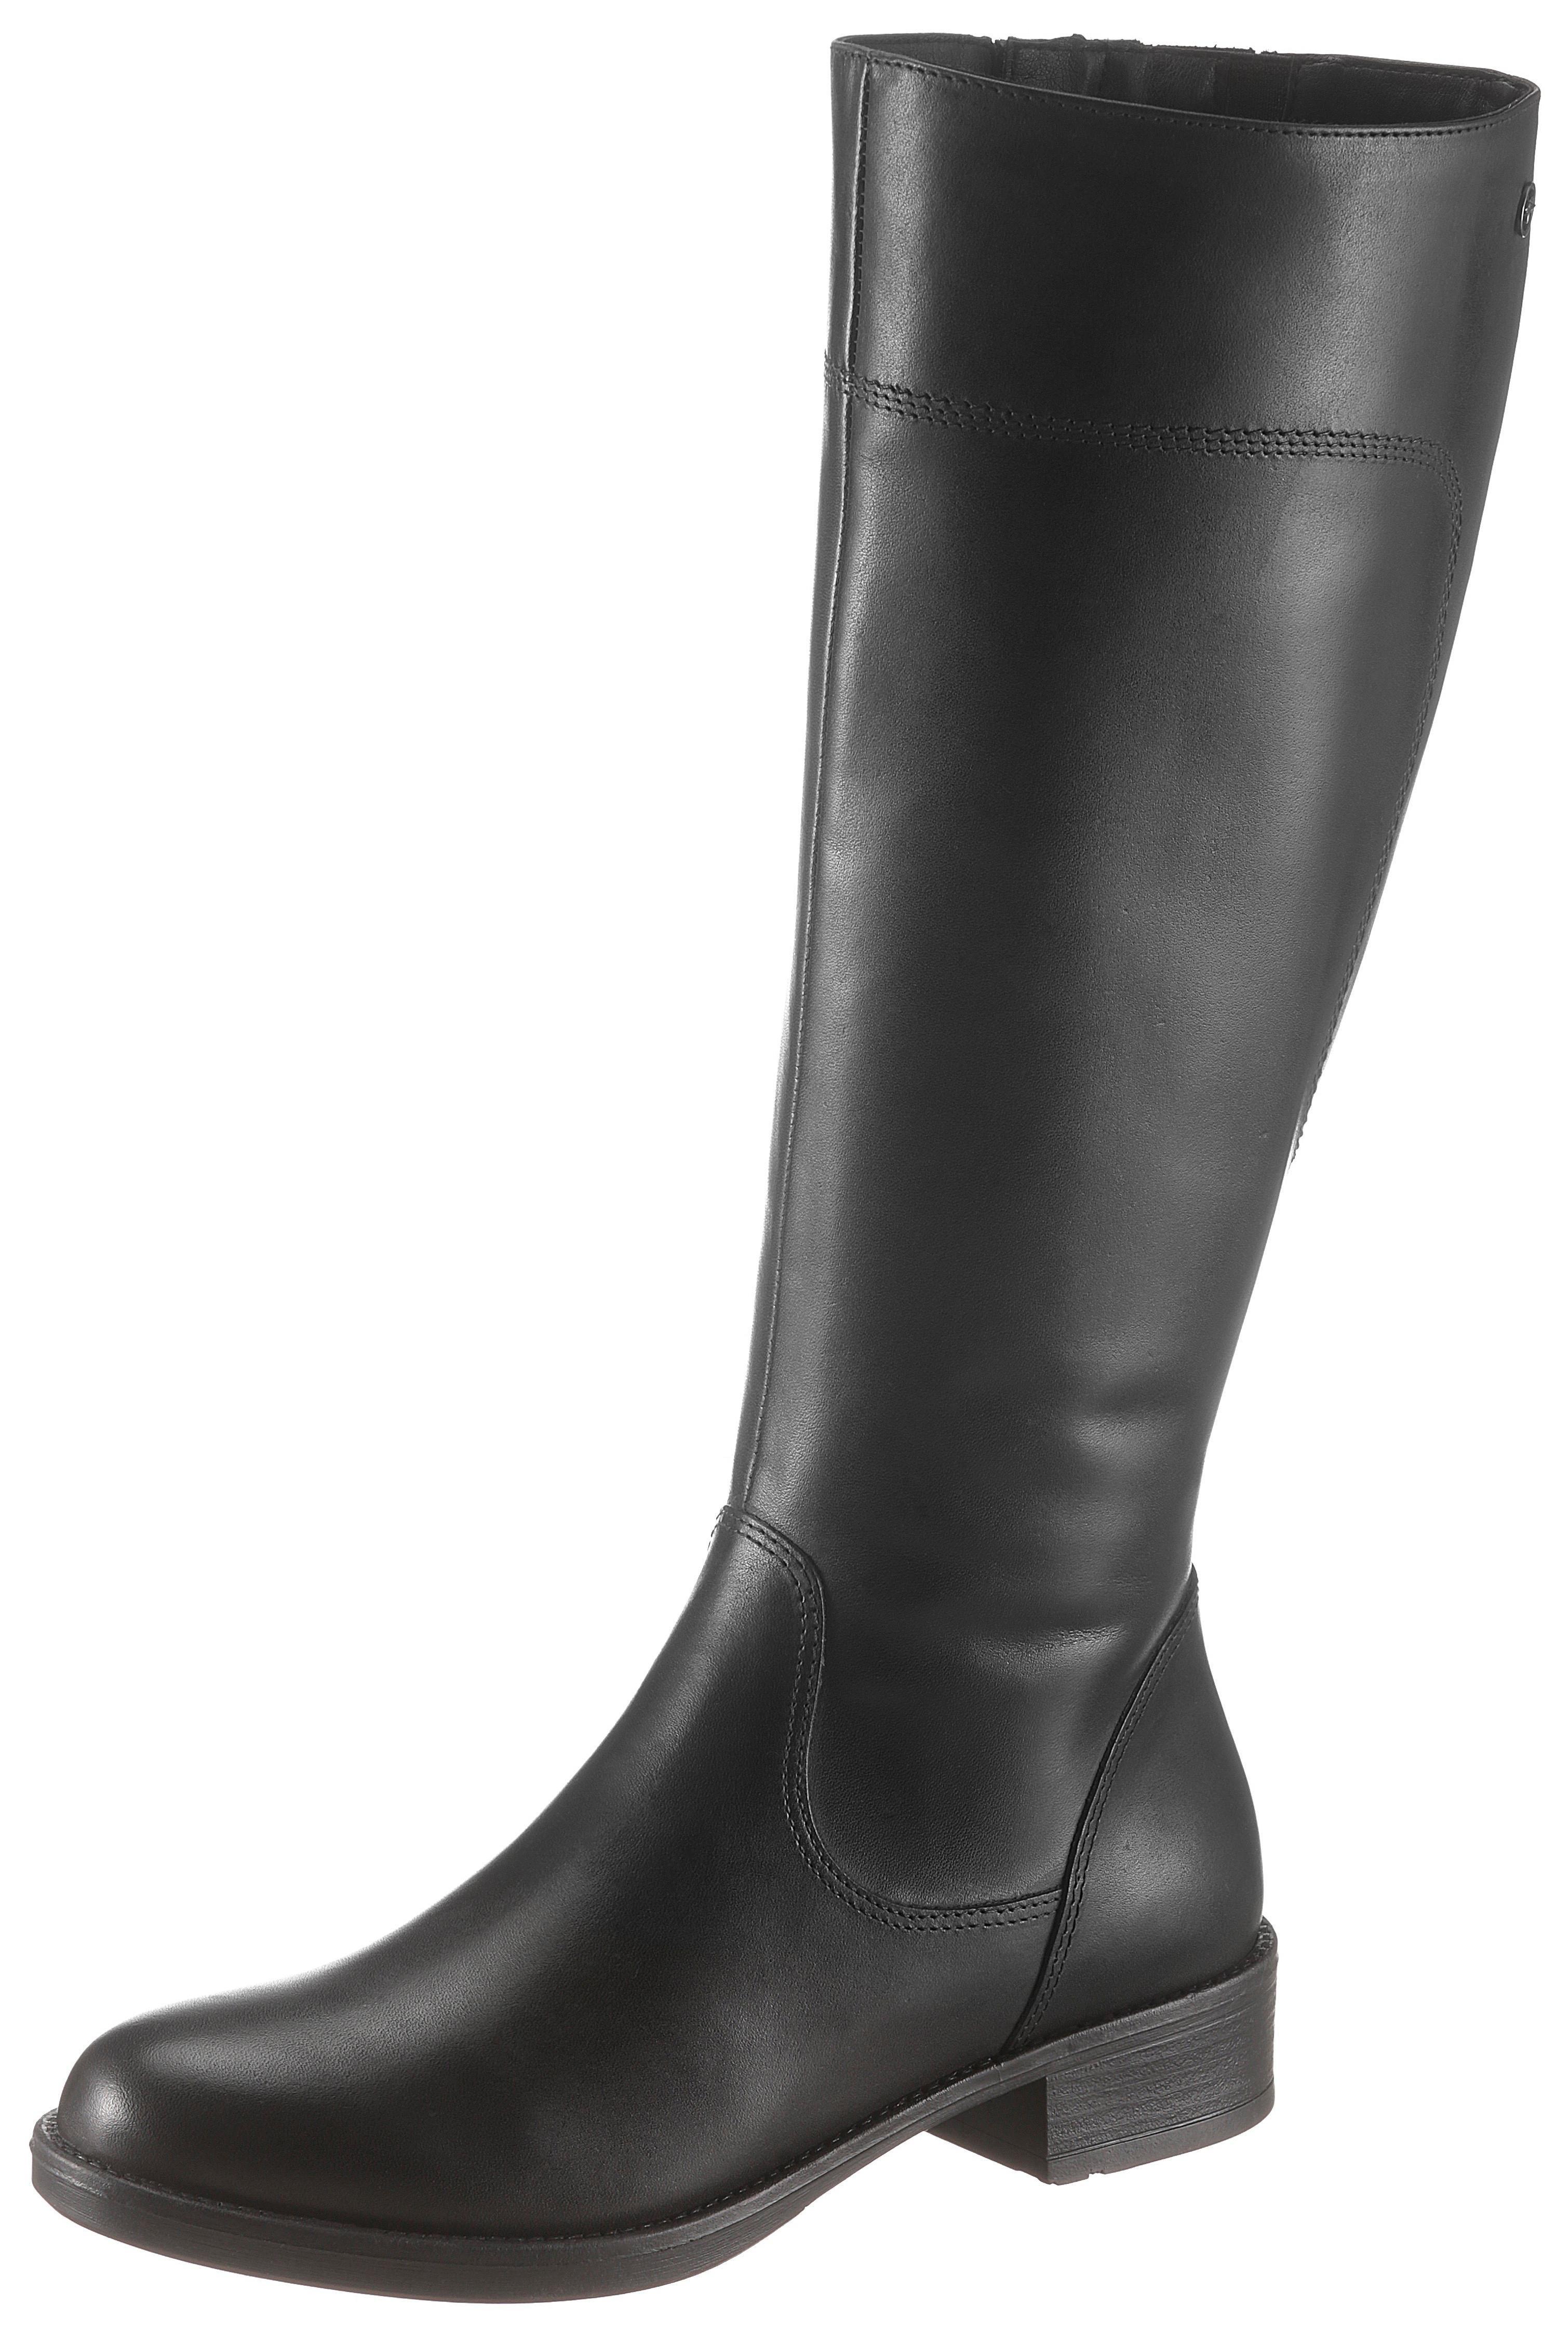 Tamaris laarzen »Taina« voordelig en veilig online kopen